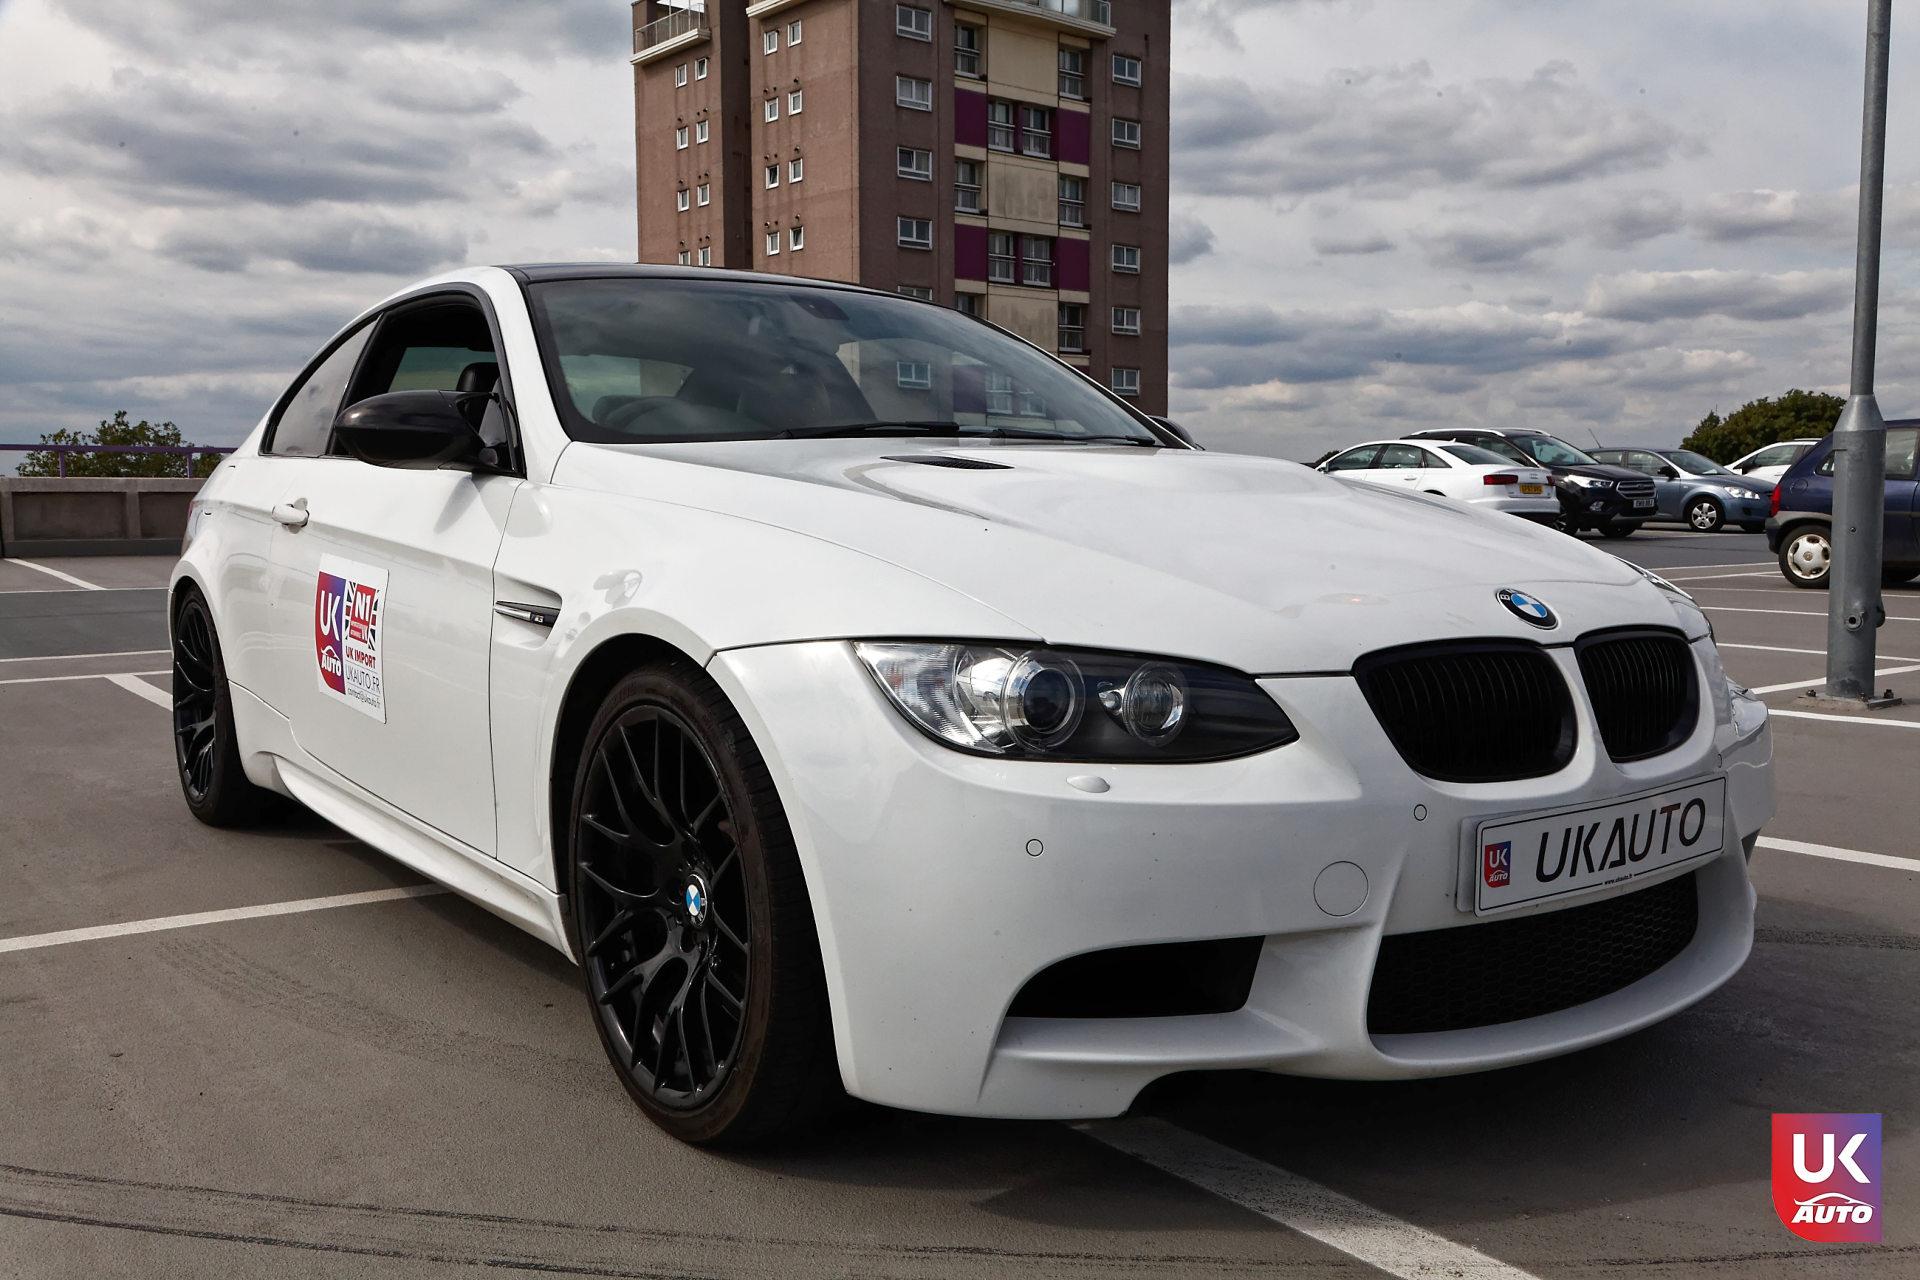 bmw m3 e92 v8 pack competition importateur bmw uk bmw angleterre m3 import uk ukauto mandataire10 DxO - IMPORTATION BMW M3 COMPETITION E92 V8 LEBONCOIN ANGLETERRE IMPORT UKAUTO FELICITATION A AUGUSTE CLIENT UKAUTO